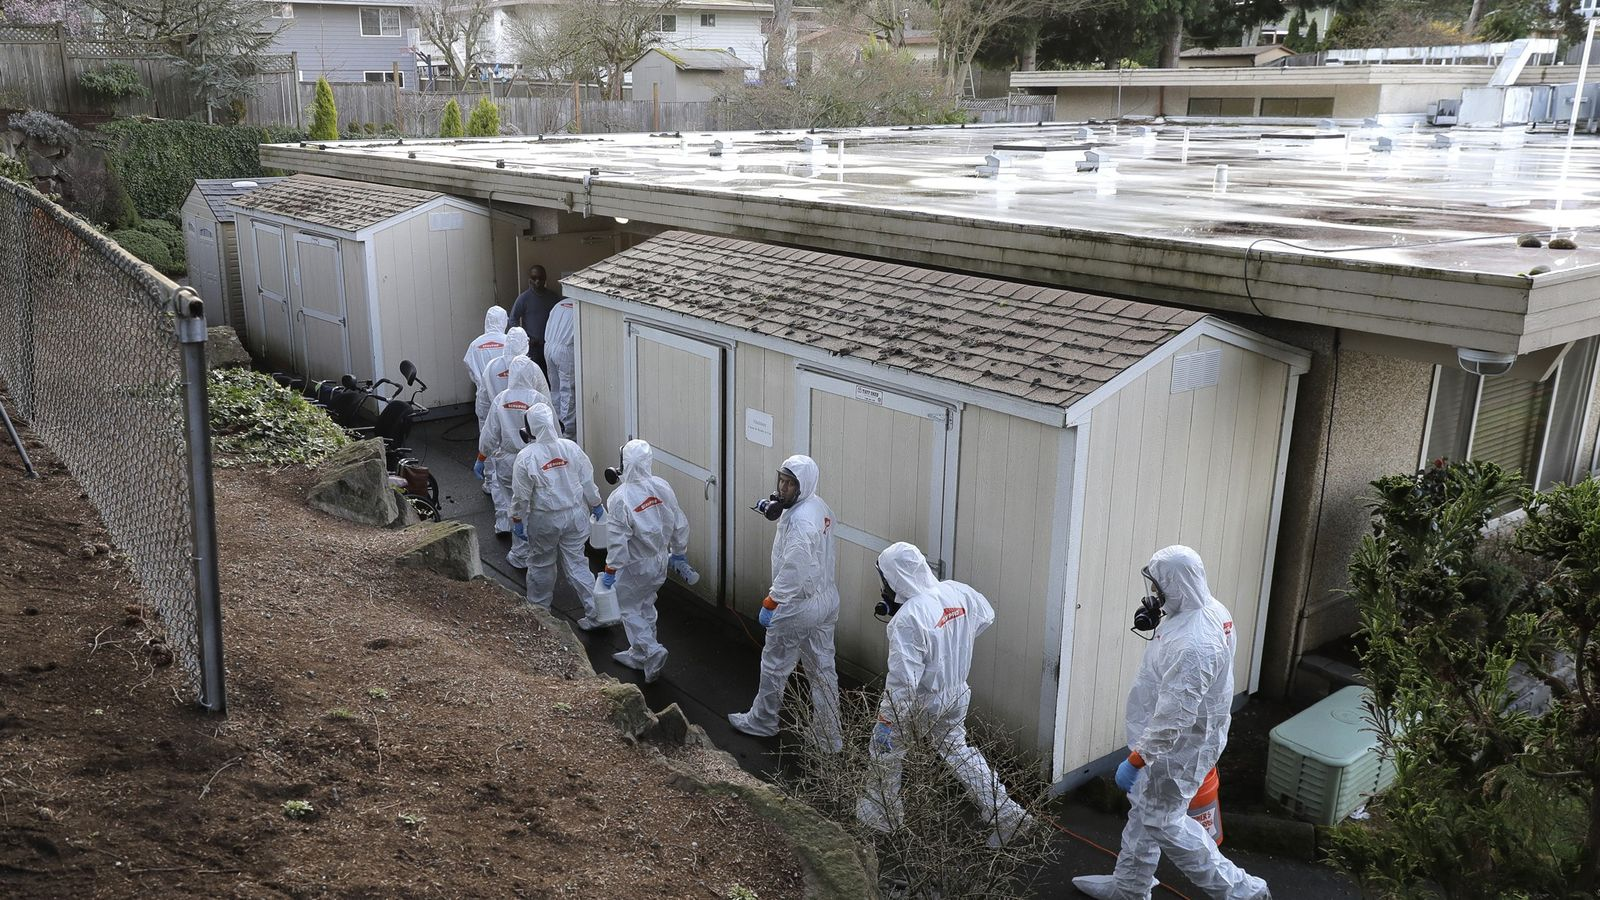 Une équipe intervient dans le Life Care Center de Kirkland, pour commencer le nettoyage et la ...